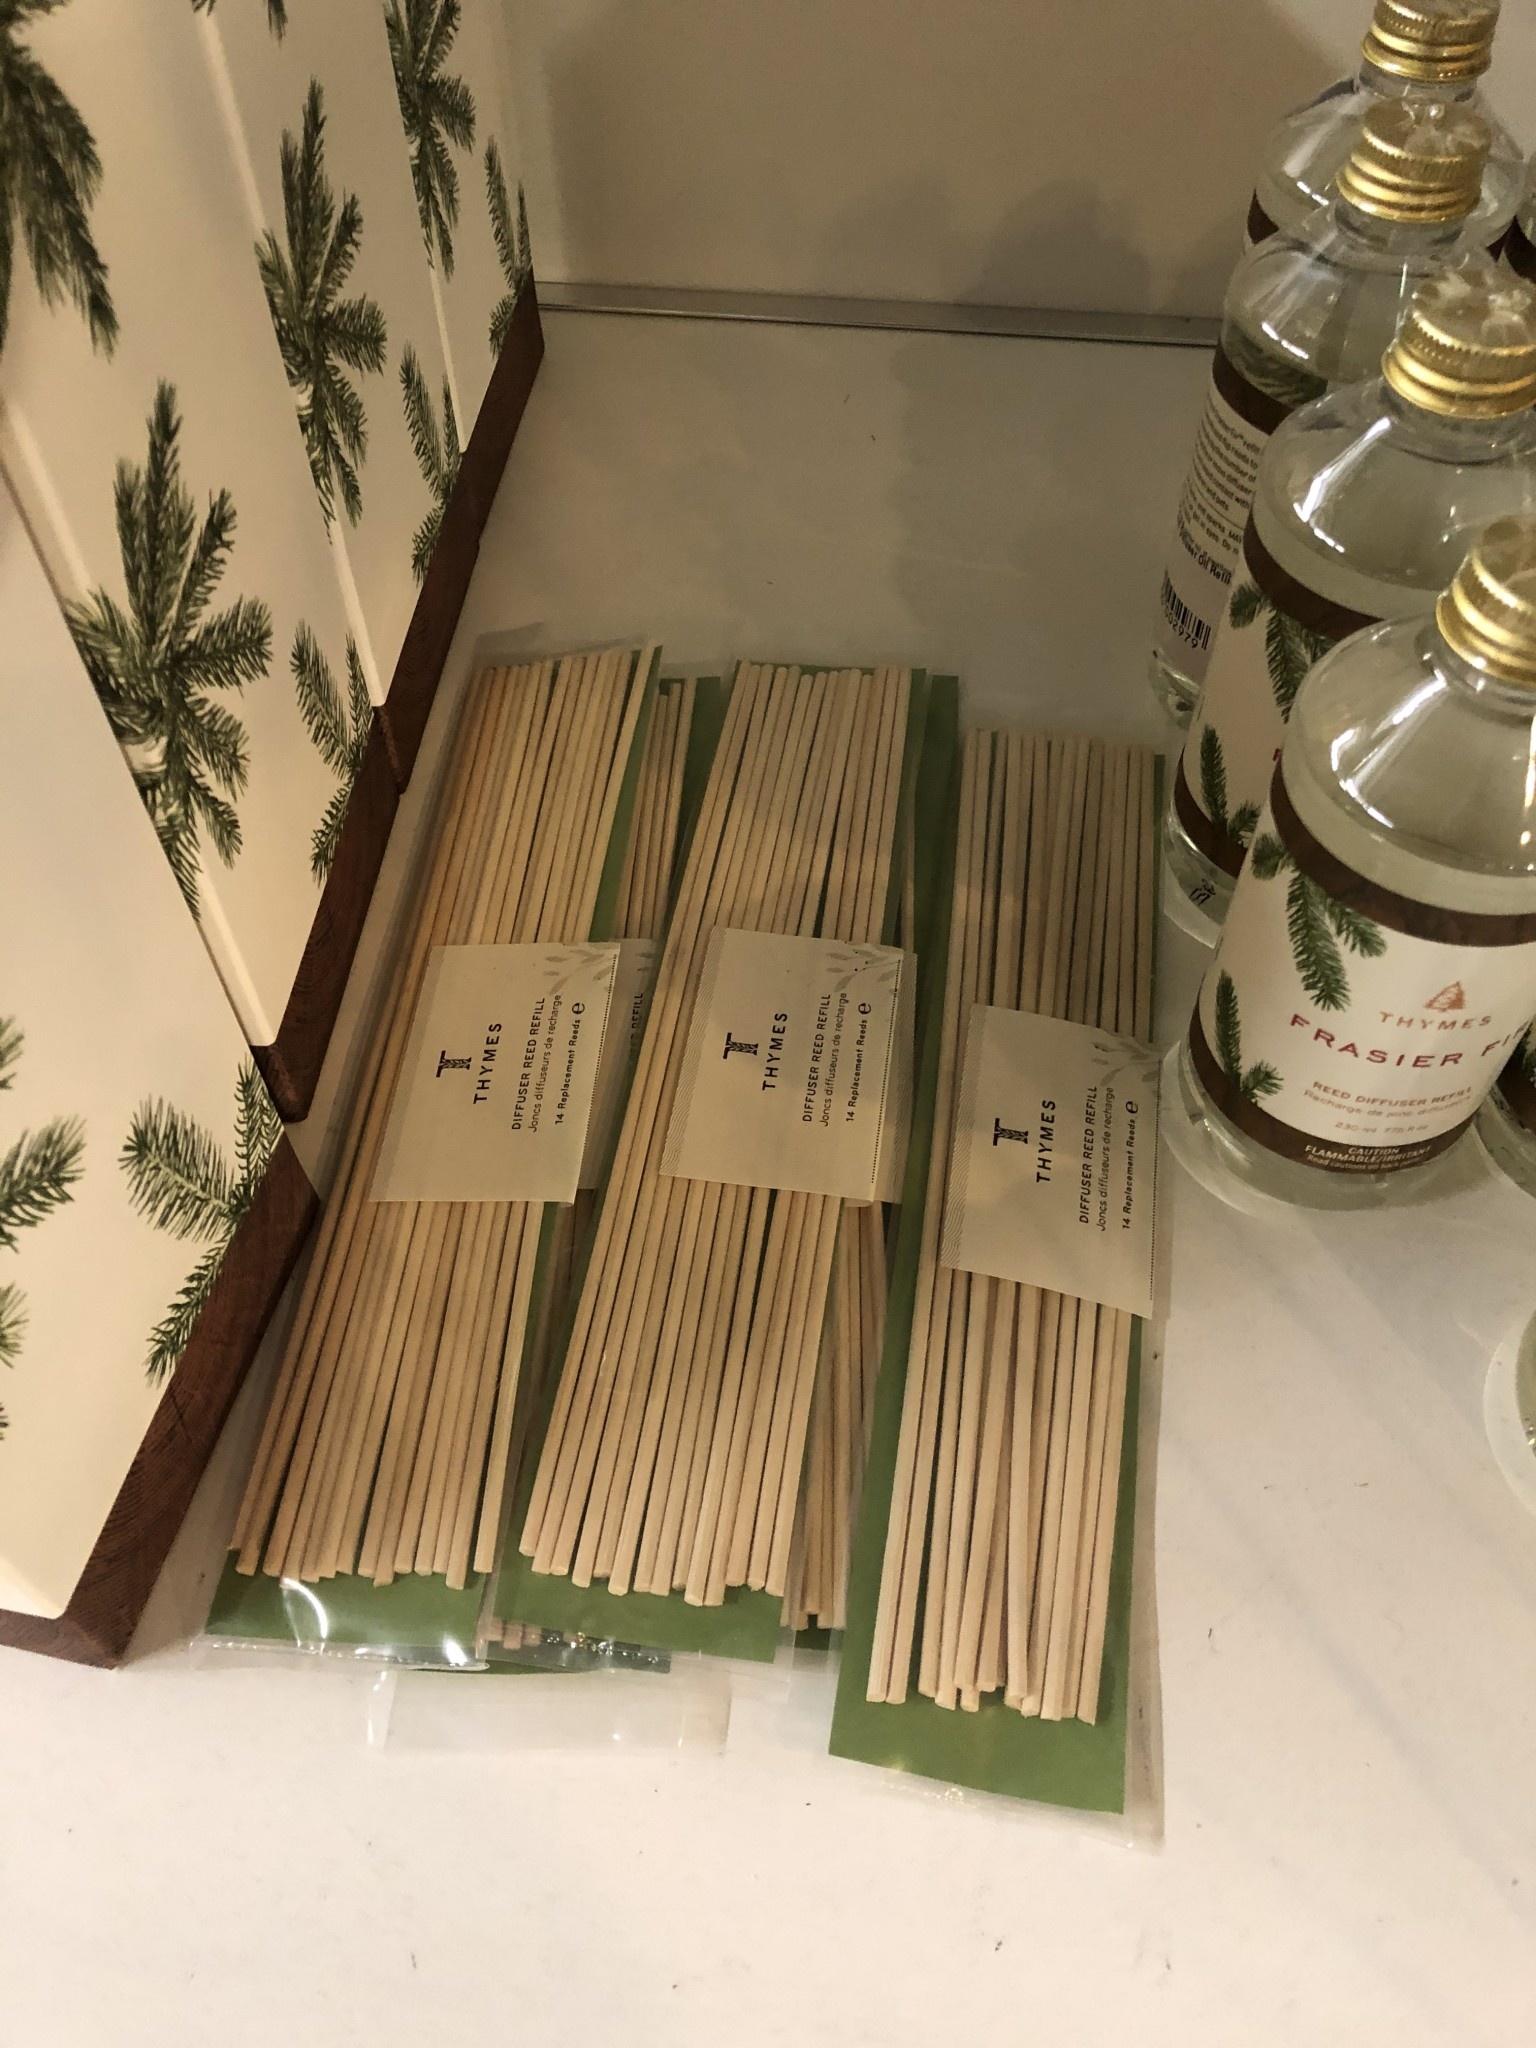 Frasier Fir Unscented Reed Refill/Natural